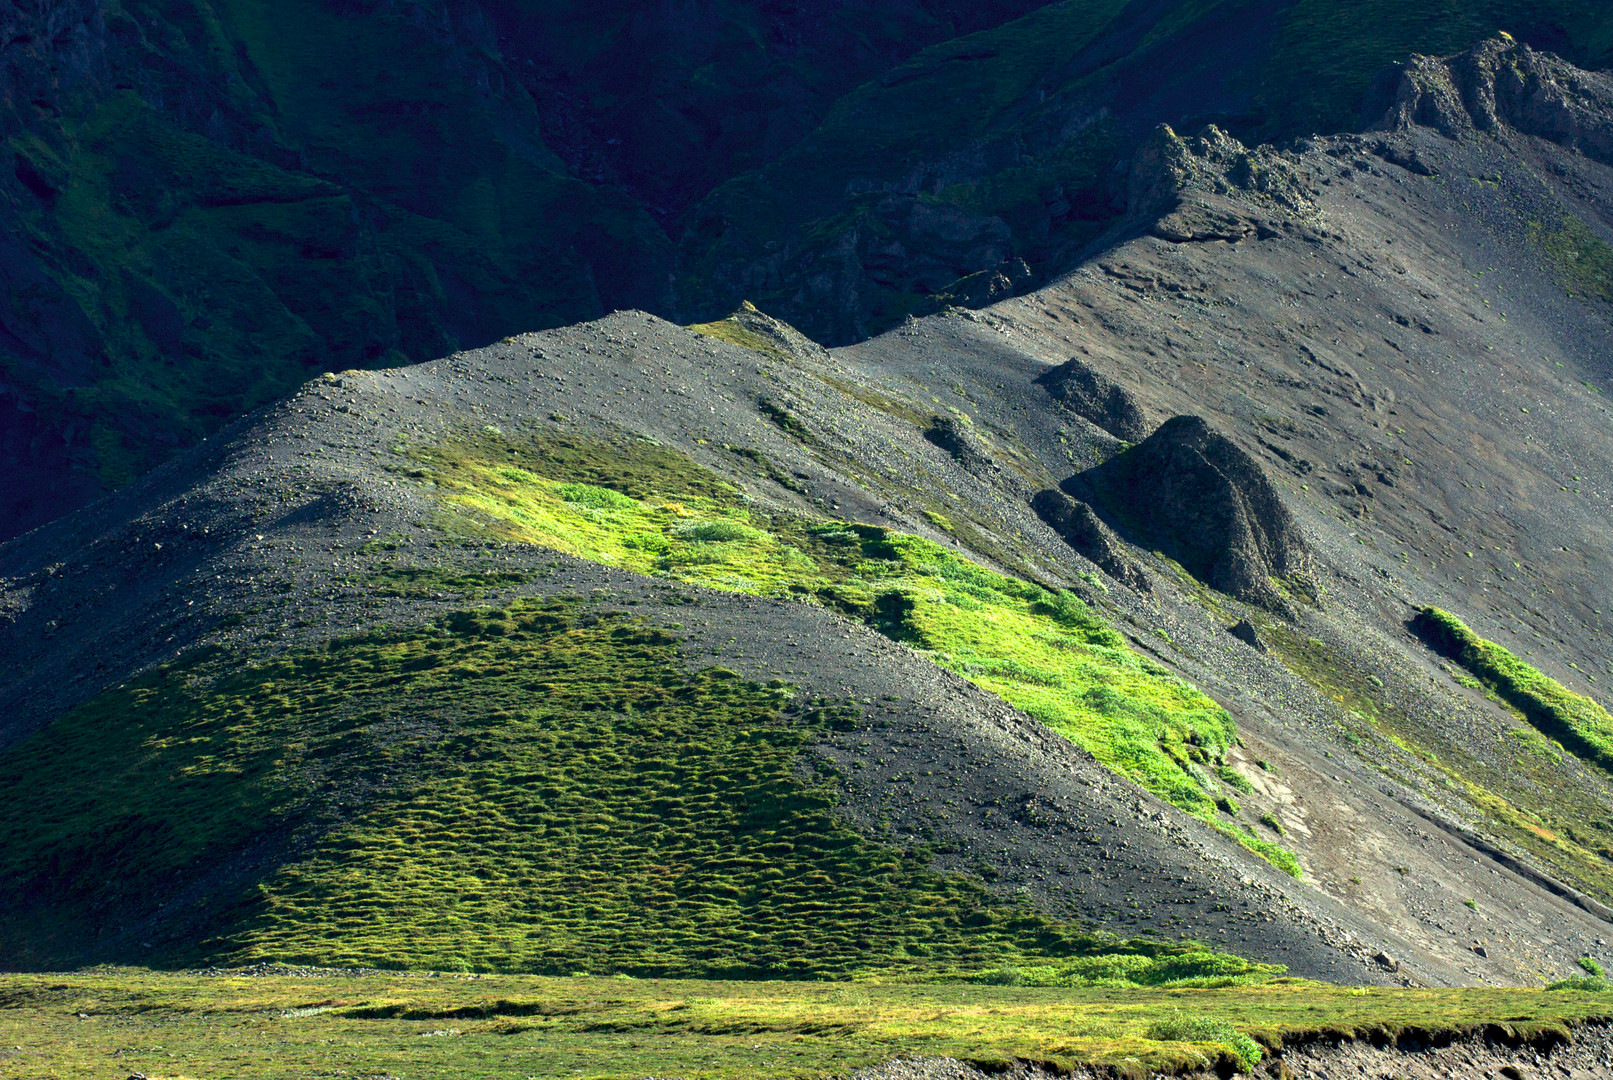 6 Monate nach dem Vulkanausbruch des Eyjafjallajökull, Island 2010